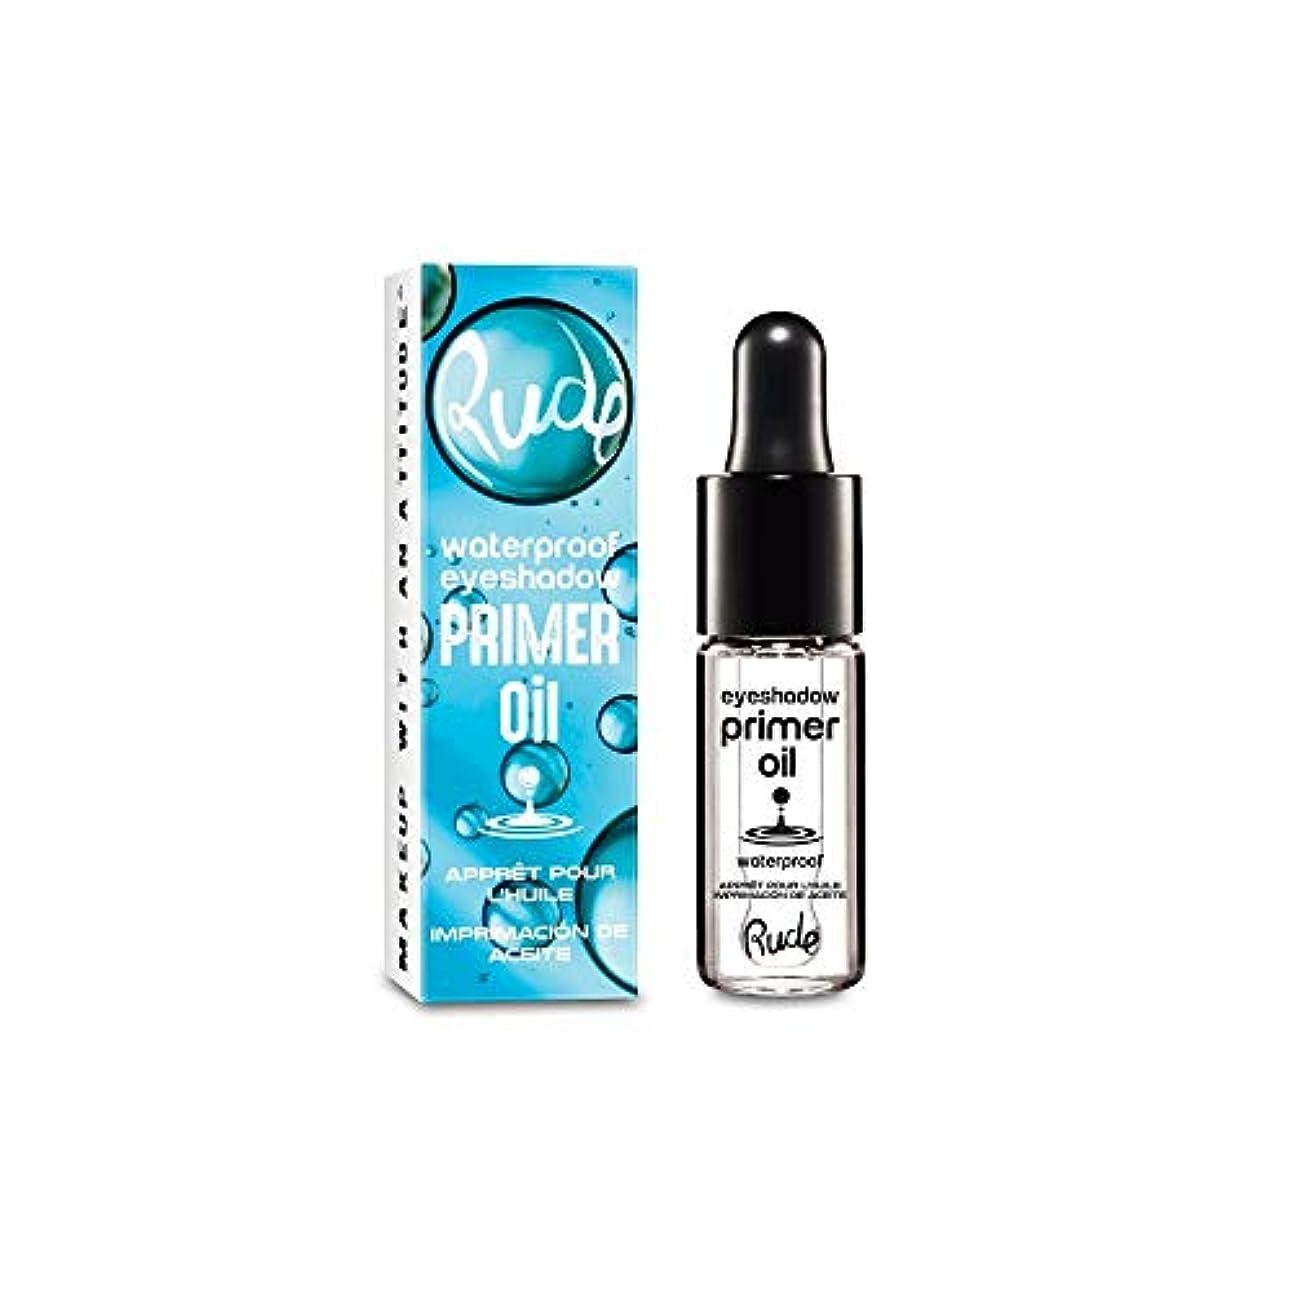 反逆固める大人(3 Pack) RUDE Waterproof Eyeshadow Primer Oil (並行輸入品)